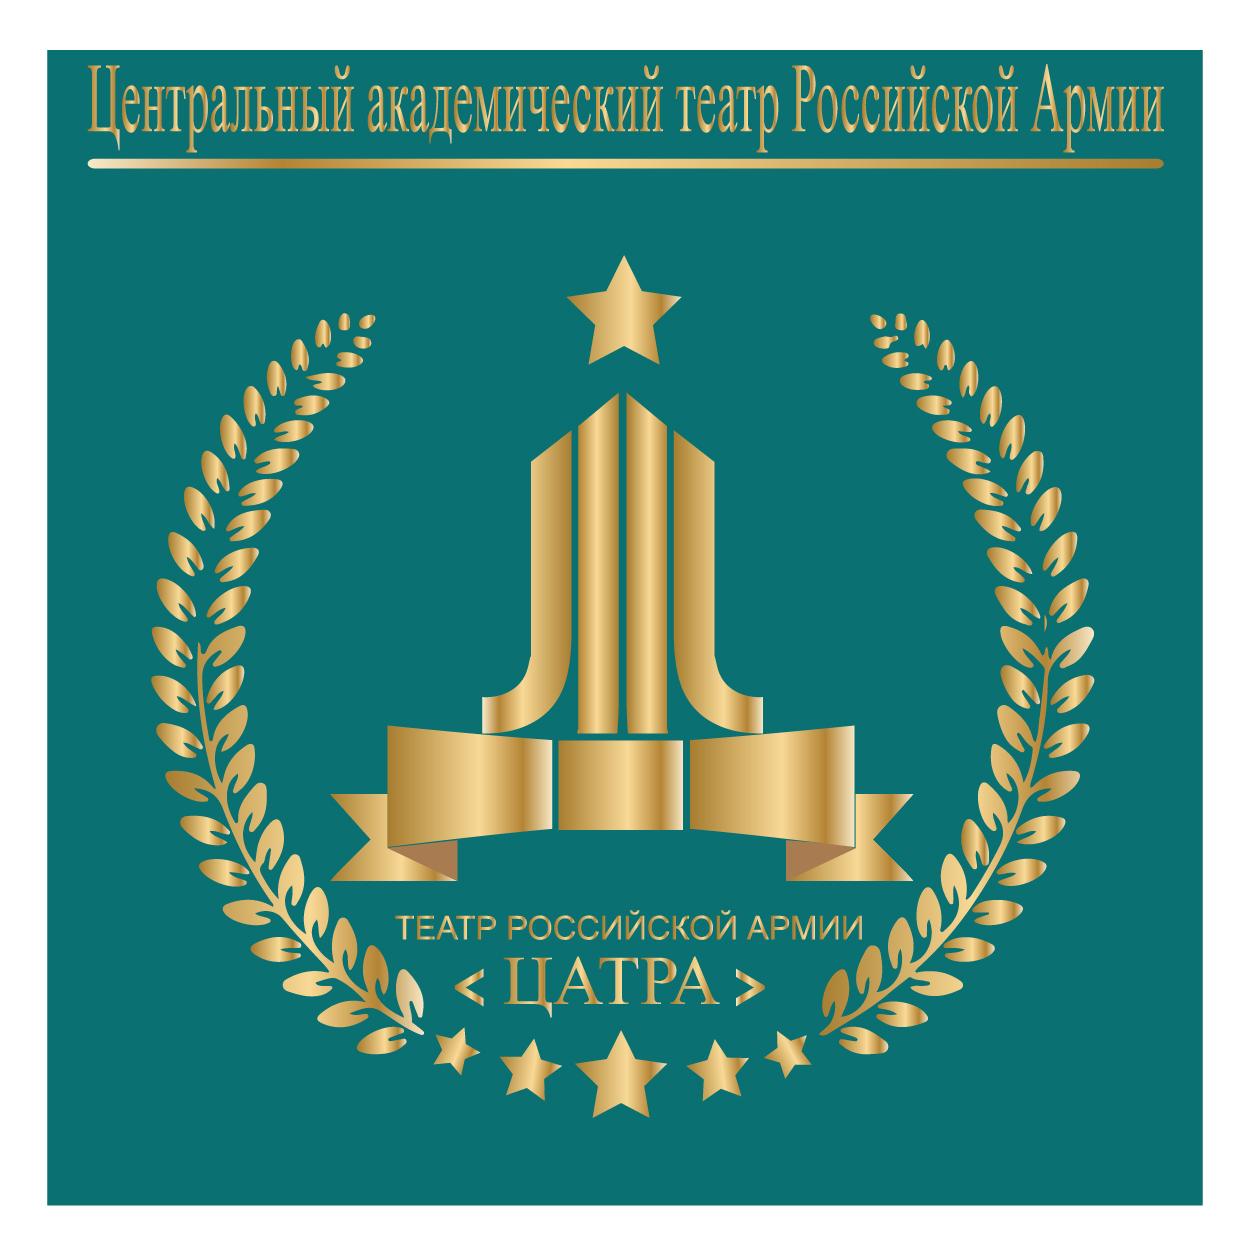 Разработка логотипа для Театра Российской Армии фото f_701588728a9ed333.jpg